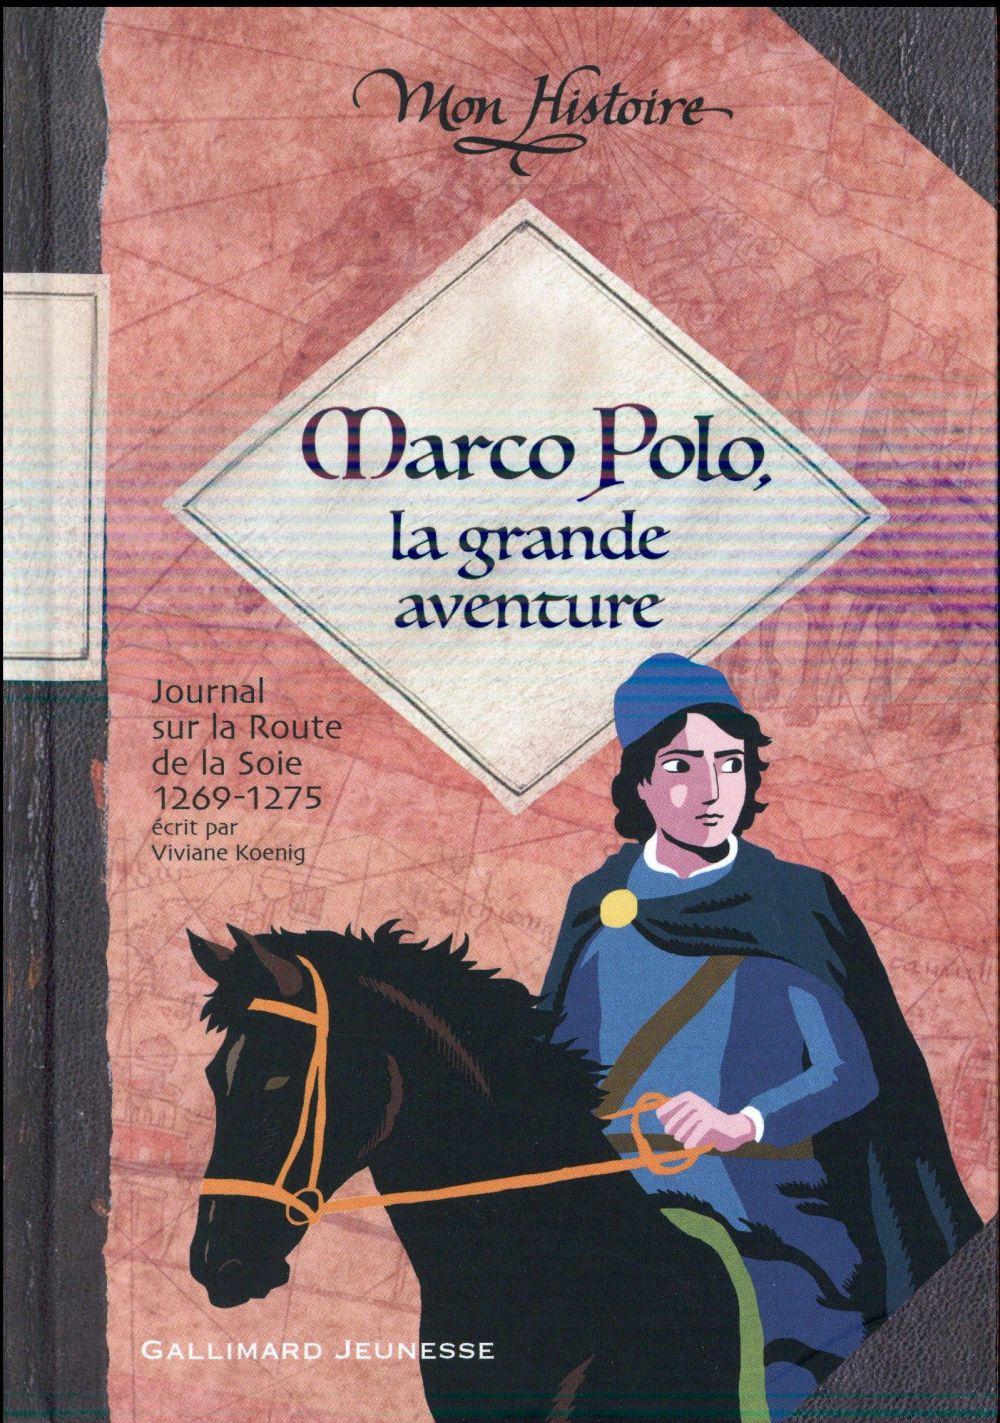 MARCO POLO, LA GRANDE AVENTURE - (1269-1275)